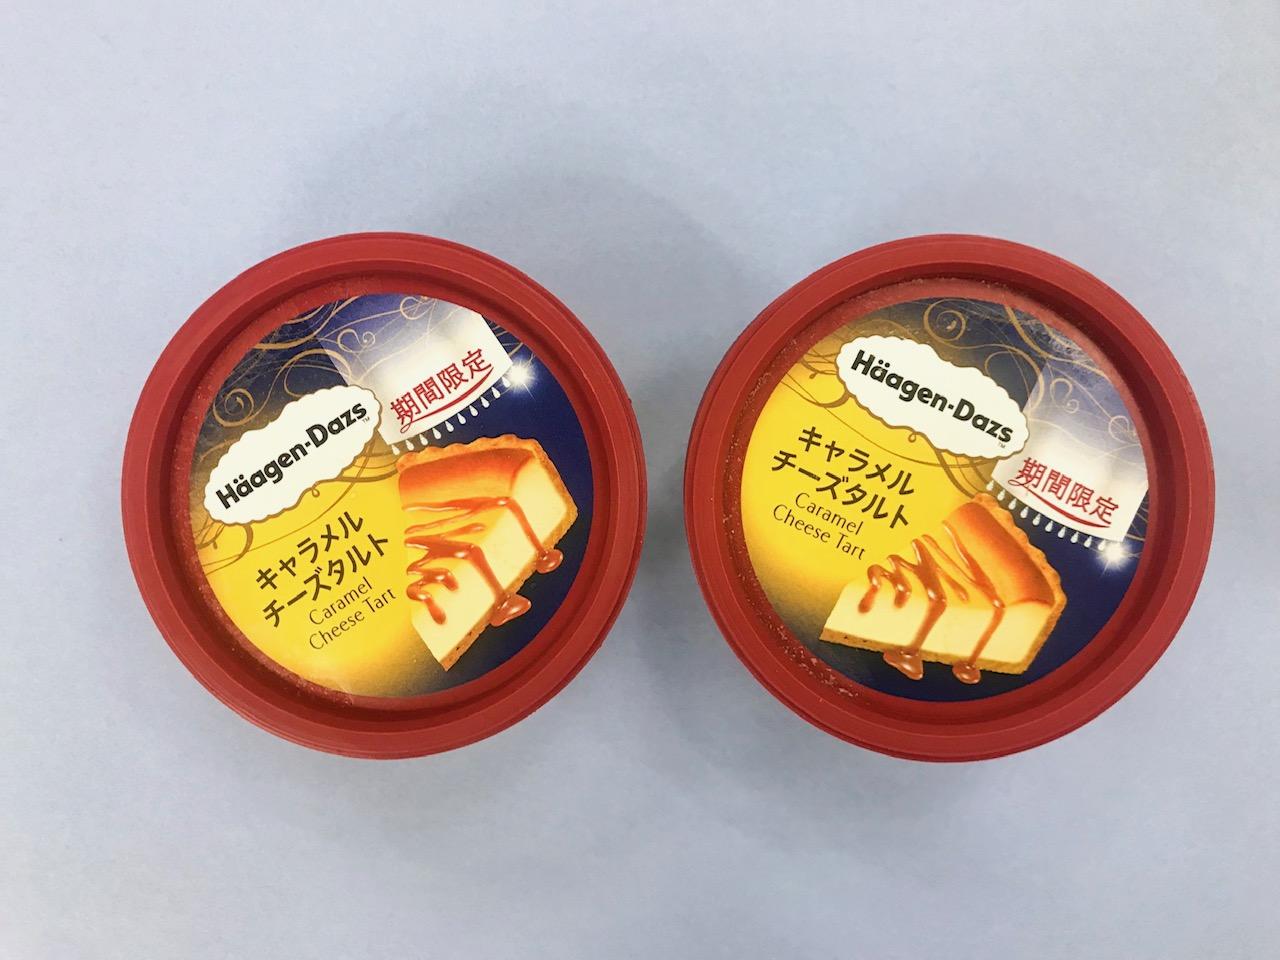 ファミマ限定『ハーゲンダッツ』♡ まるでケーキな「キャラメルチーズタルト」【コンビニスイーツ新作、食べてみた!】_2